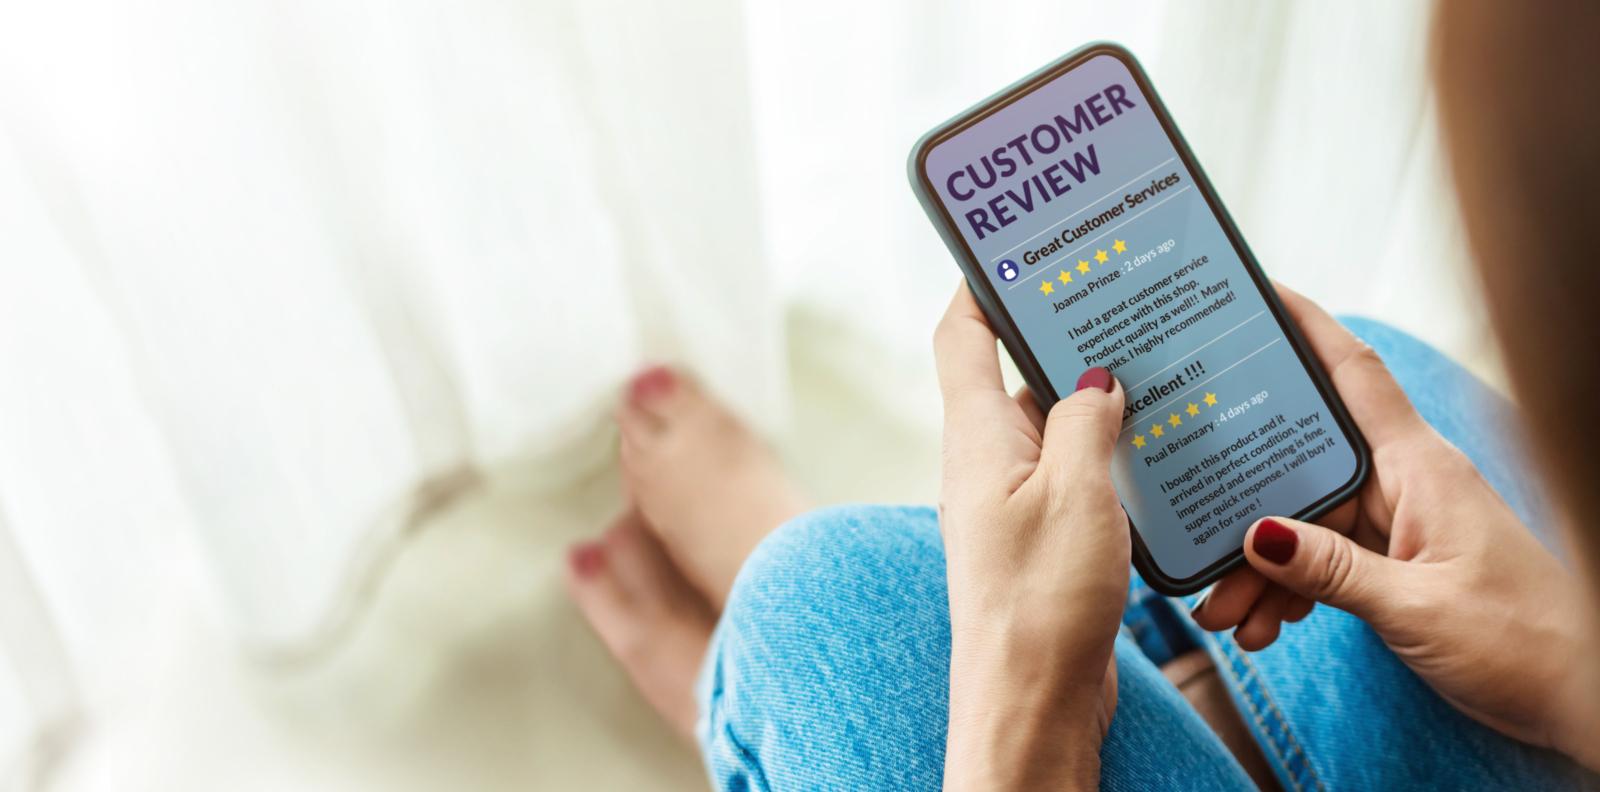 ¿Por qué y cómo debemos contestar a los comentarios de los usuarios?